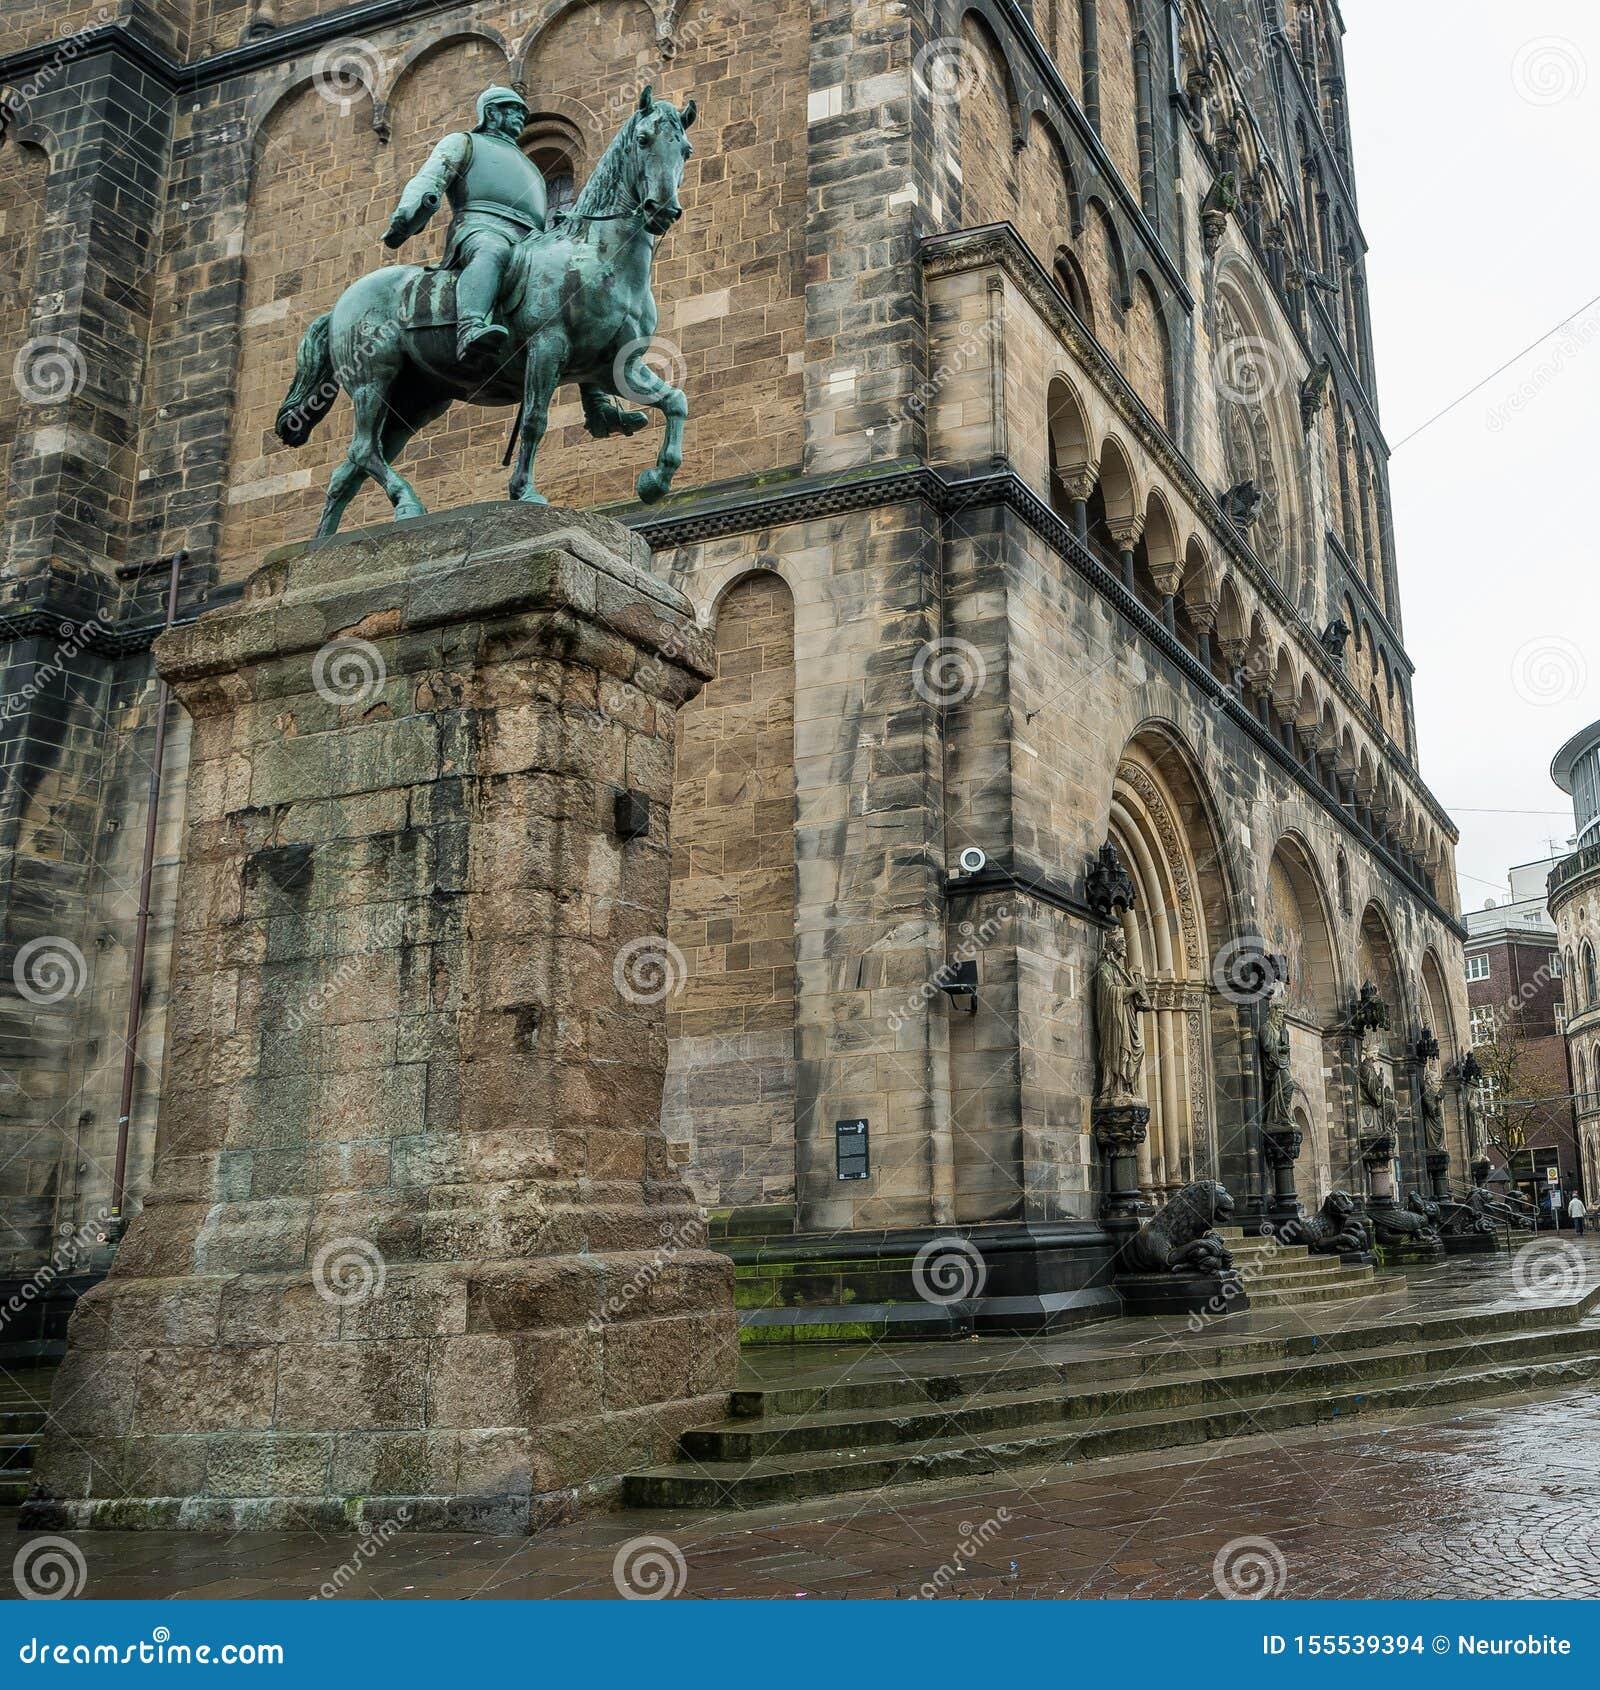 Monument von Otto von Bismarck, deutscher Kanzler vor Kathedrale in Bremen, Deutschland, Herbst